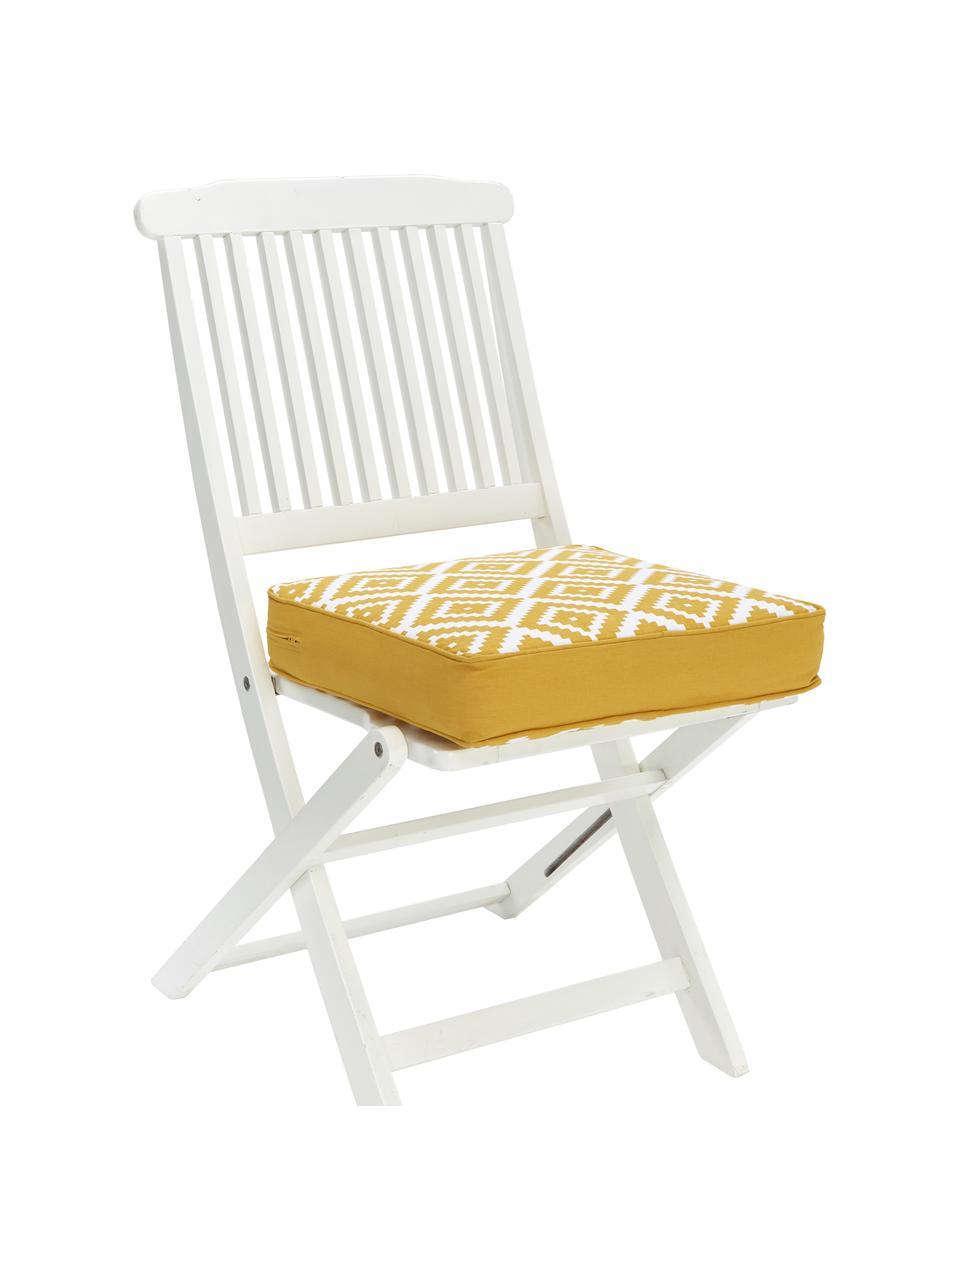 Hohes Sitzkissen Miami in Gelb/Weiß, Bezug: 100% Baumwolle, Gelb, 40 x 40 cm